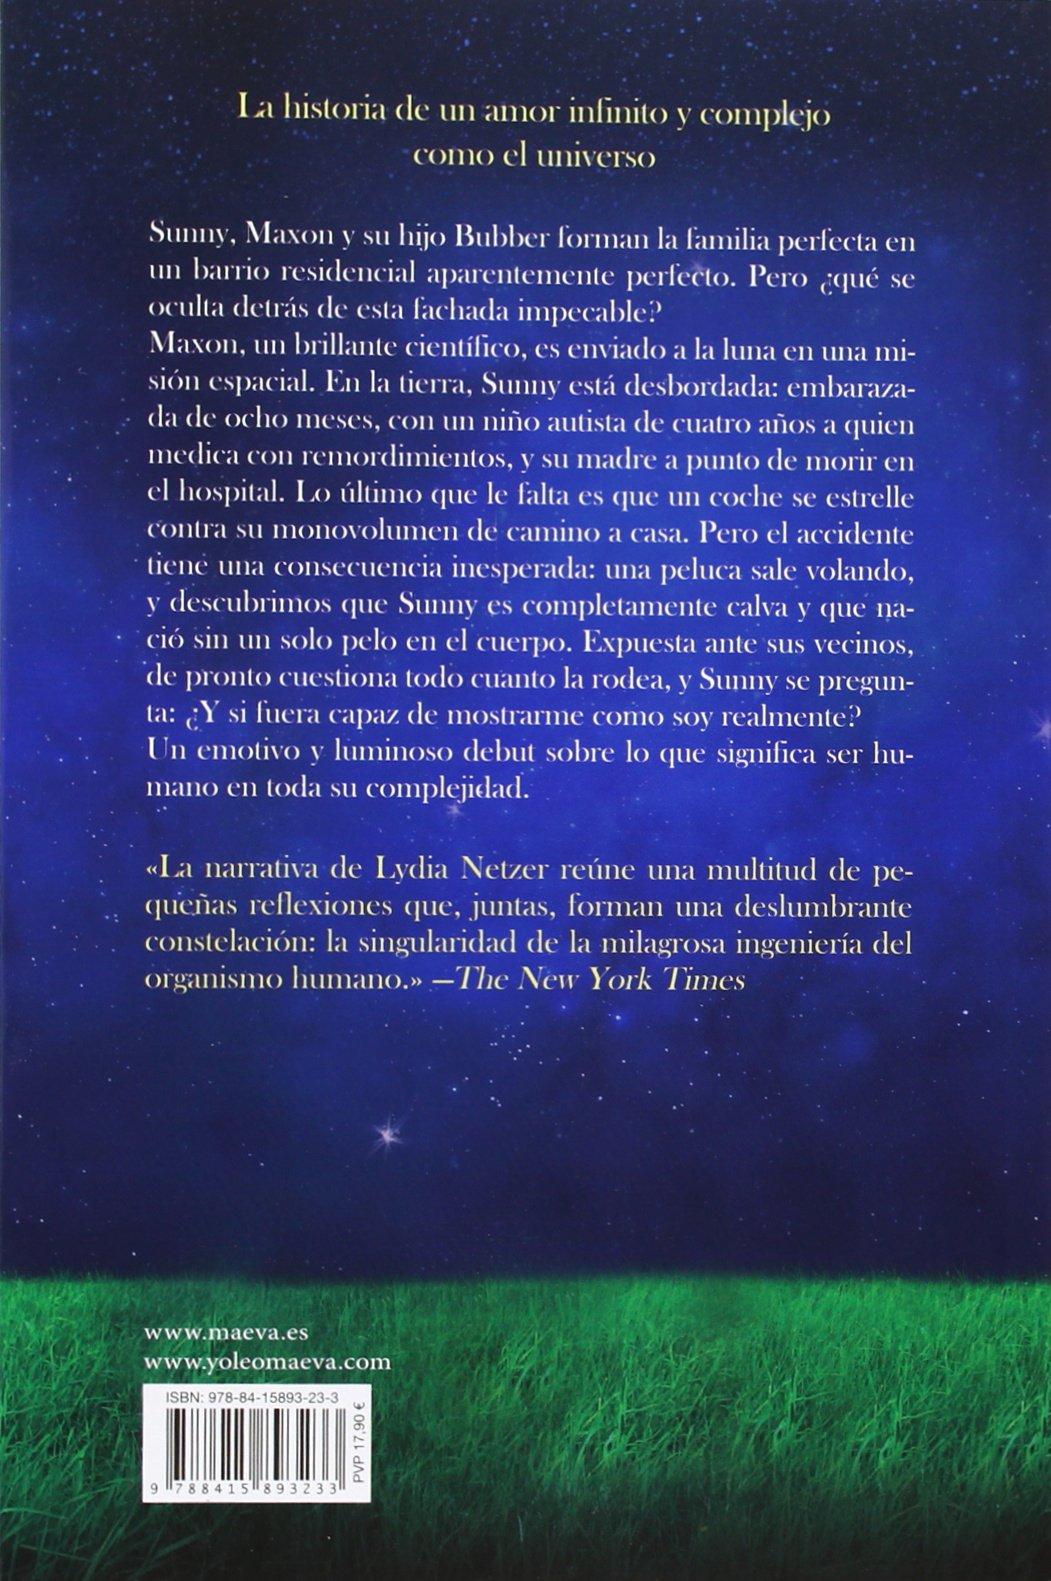 Todas Las Constelaciones Del Amor (Éxitos literarios): Amazon.es: Lydia Netzer, Álvaro Abella: Libros